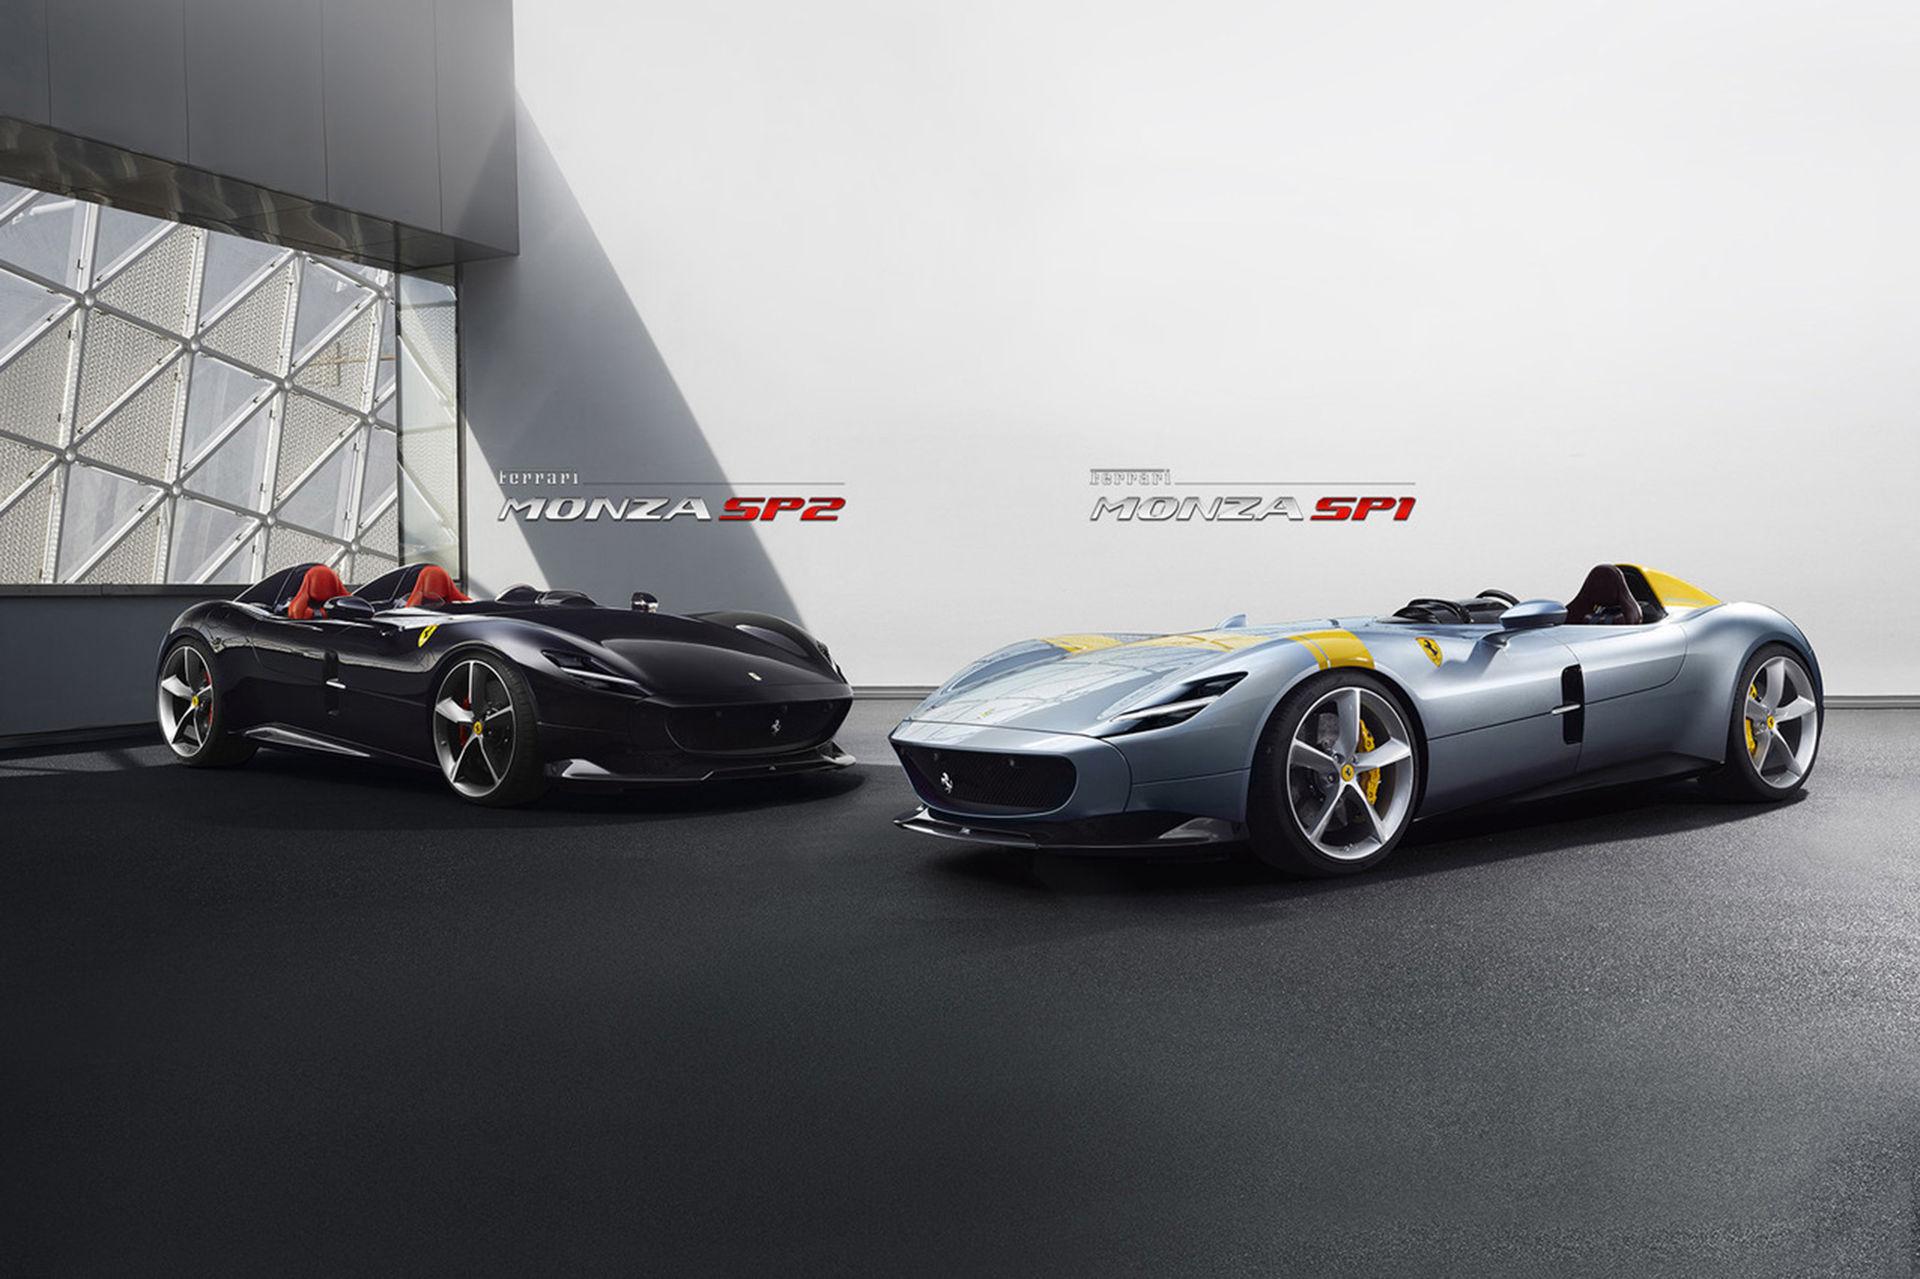 Ferrari visar upp Monza SP1 och Monza SP2